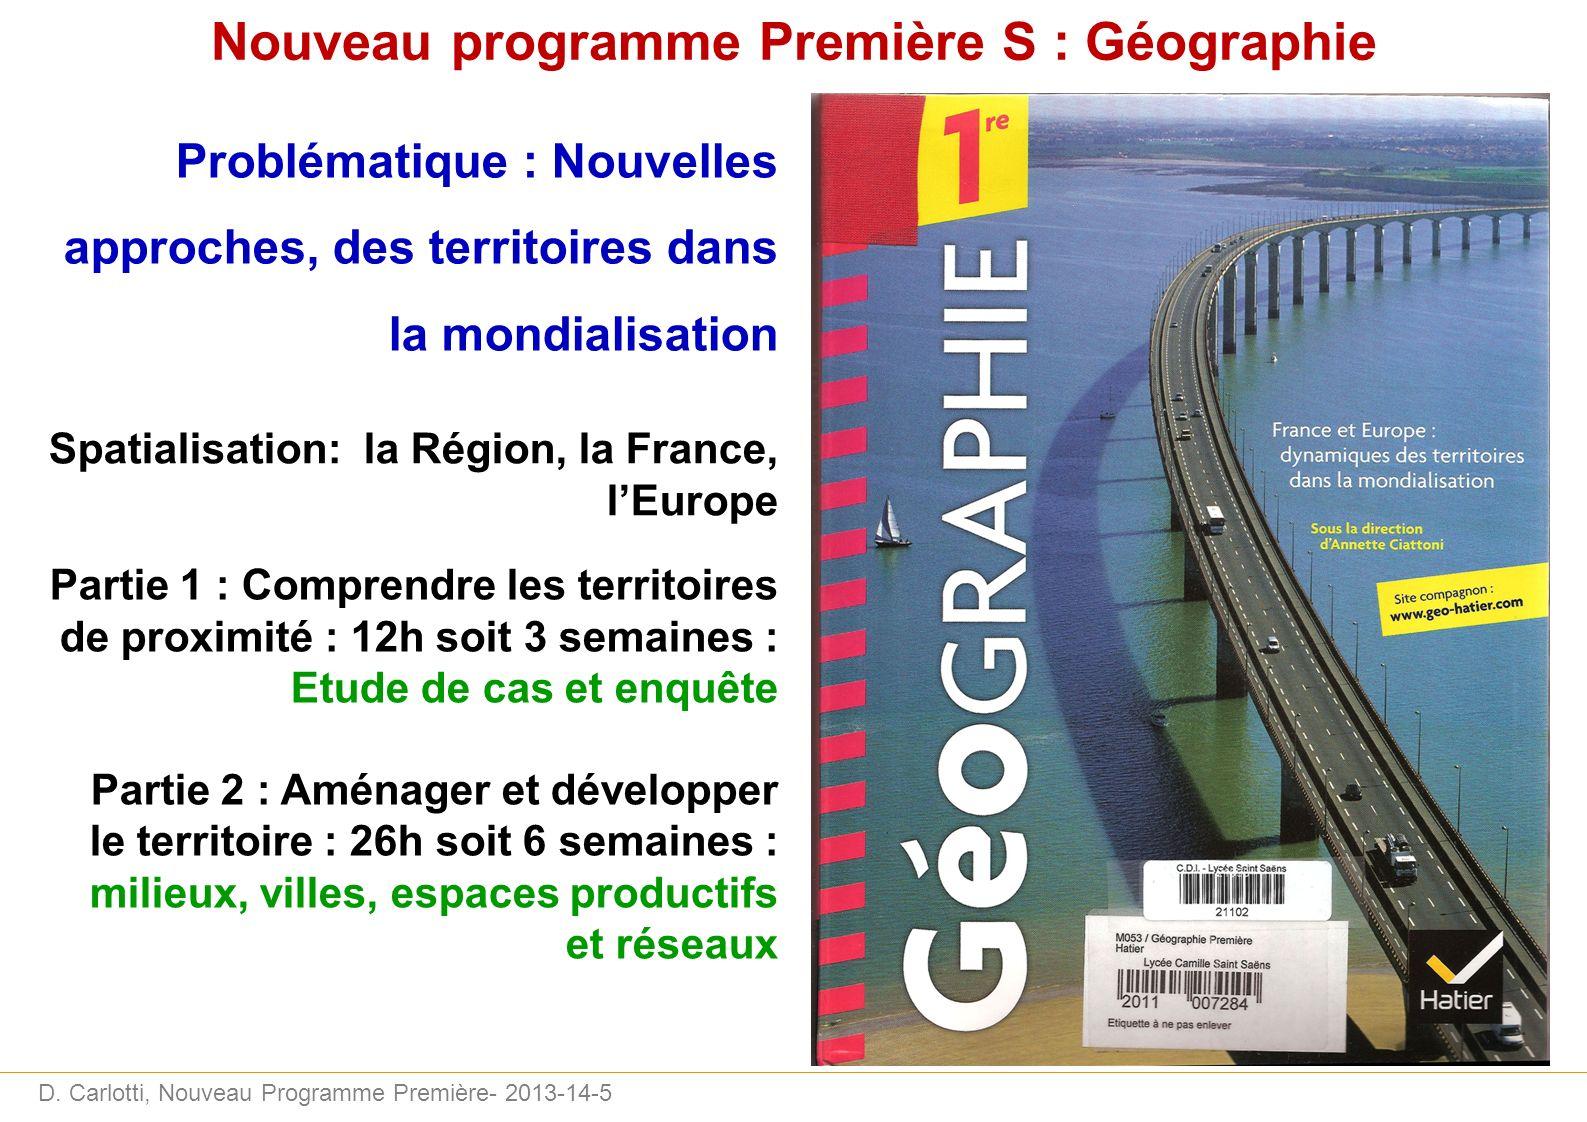 D. Carlotti, Nouveau Programme Première- 2013-14-5 Nouveau programme Première S : Géographie Problématique : Nouvelles approches, des territoires dans